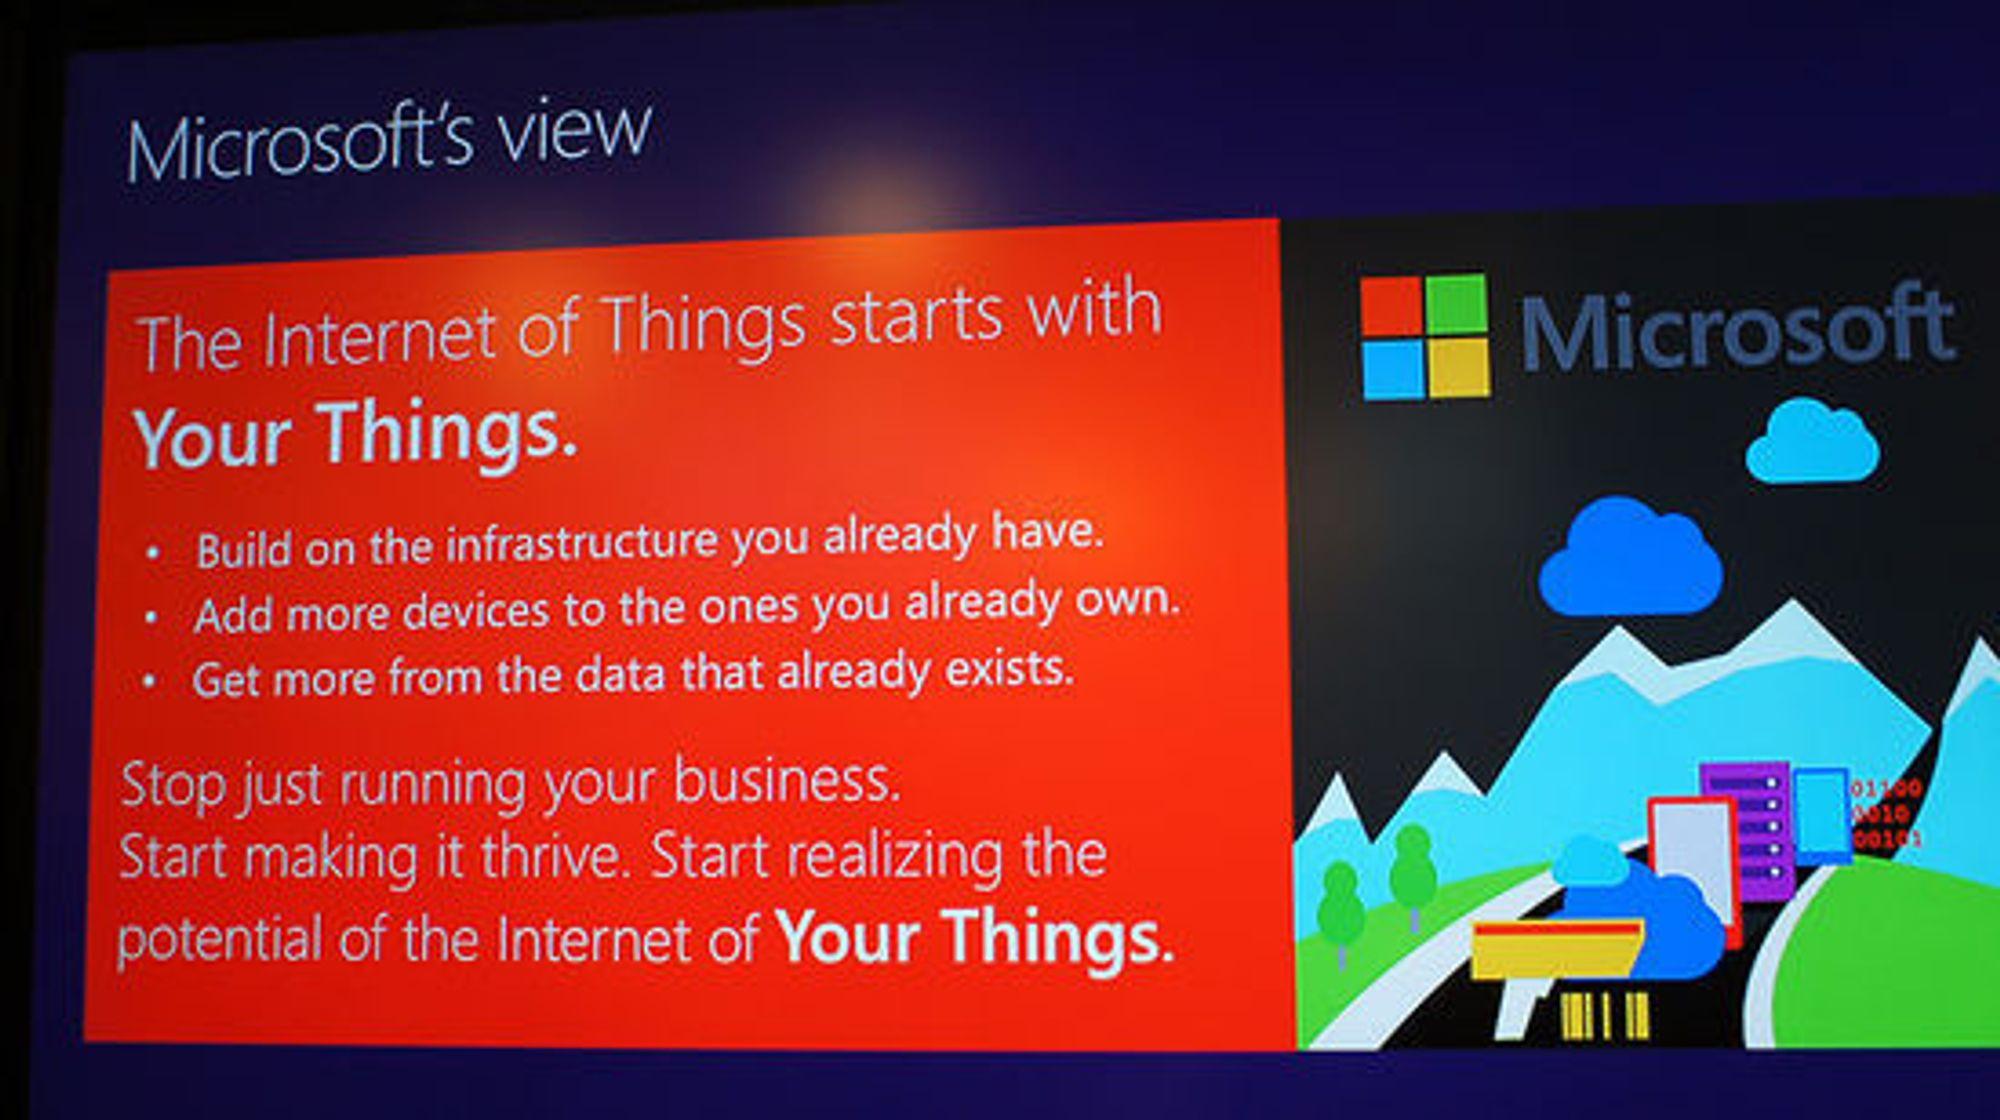 Det handler om dine ting først, sier Microsoft.